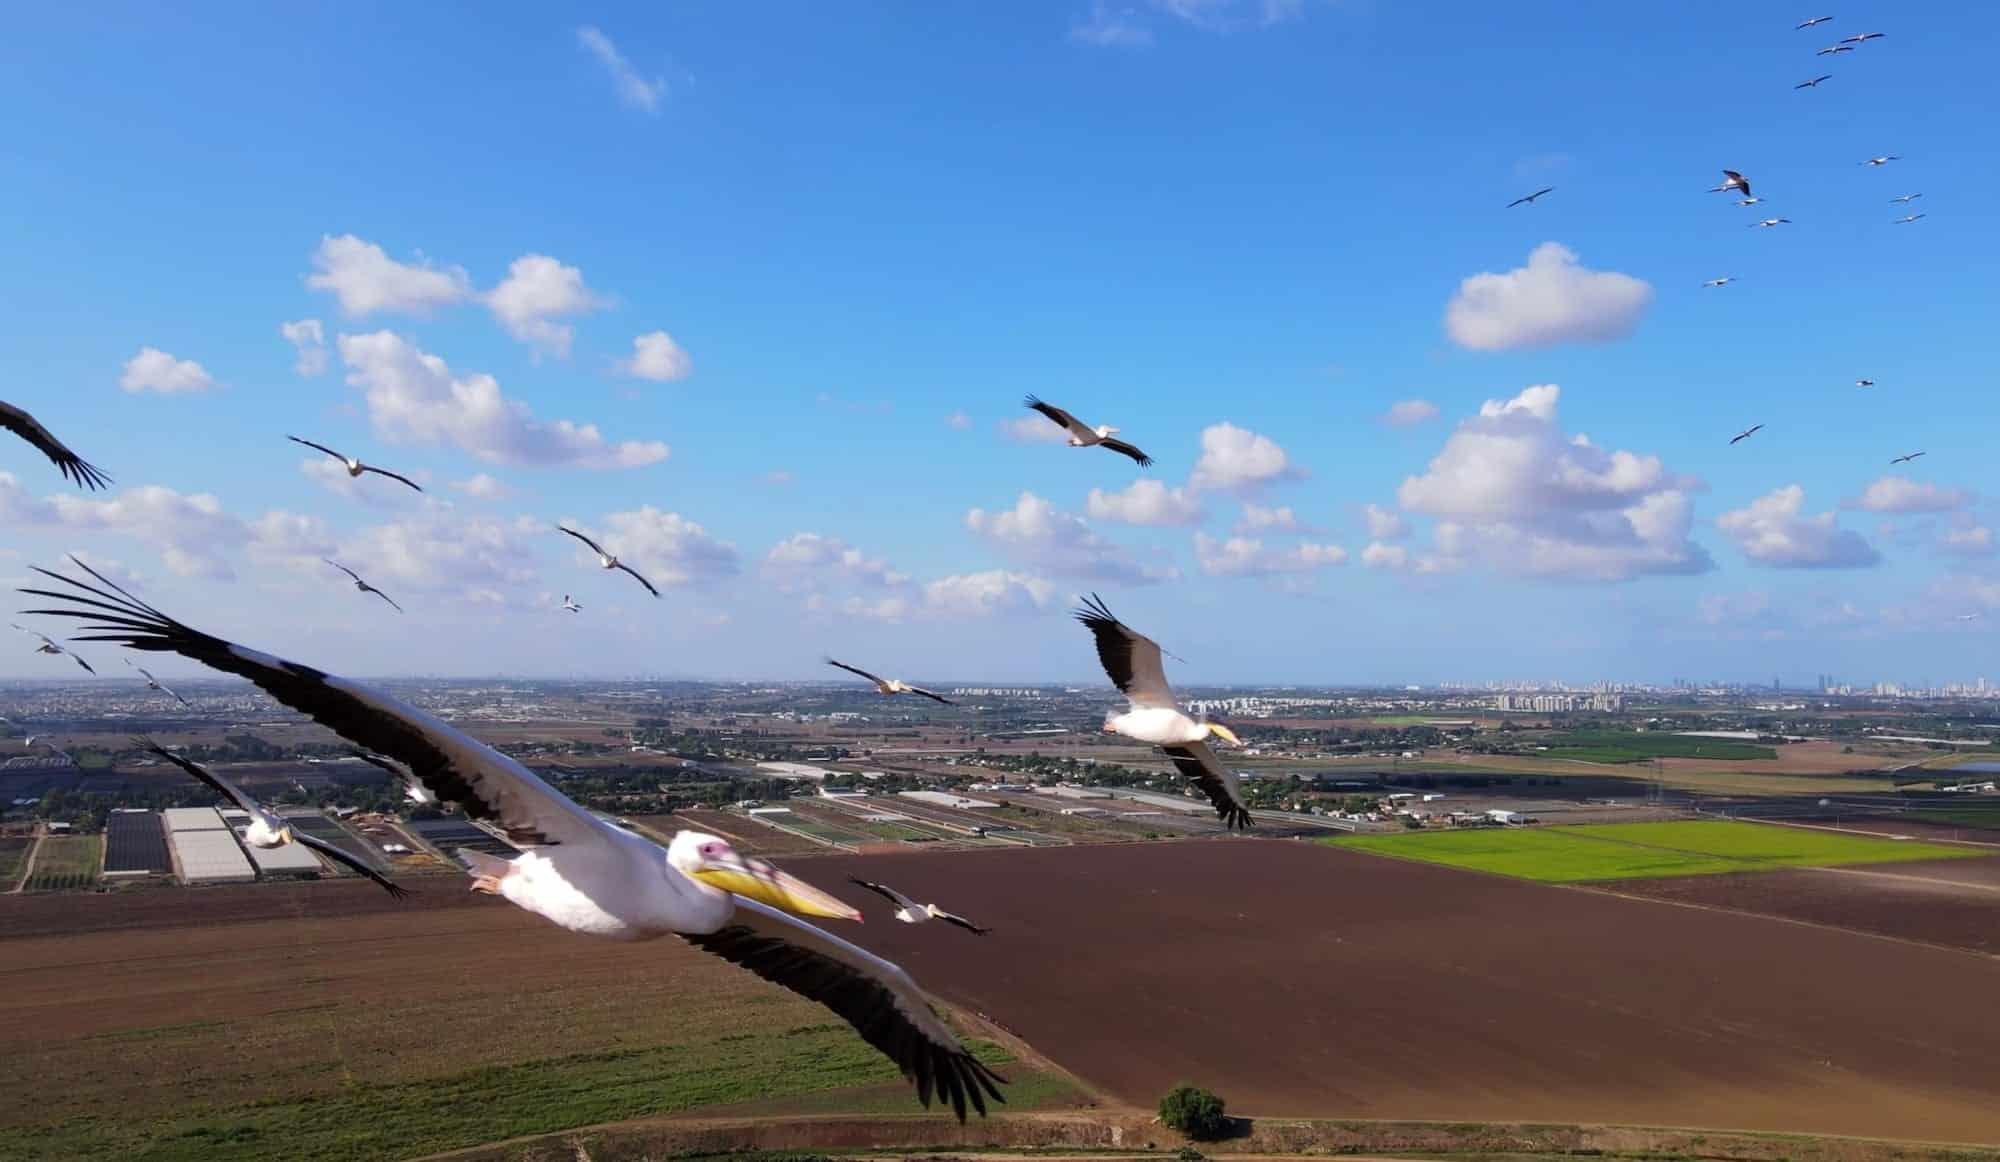 DJI Mavic Air 2 captures spectacular video of migrating pelicans